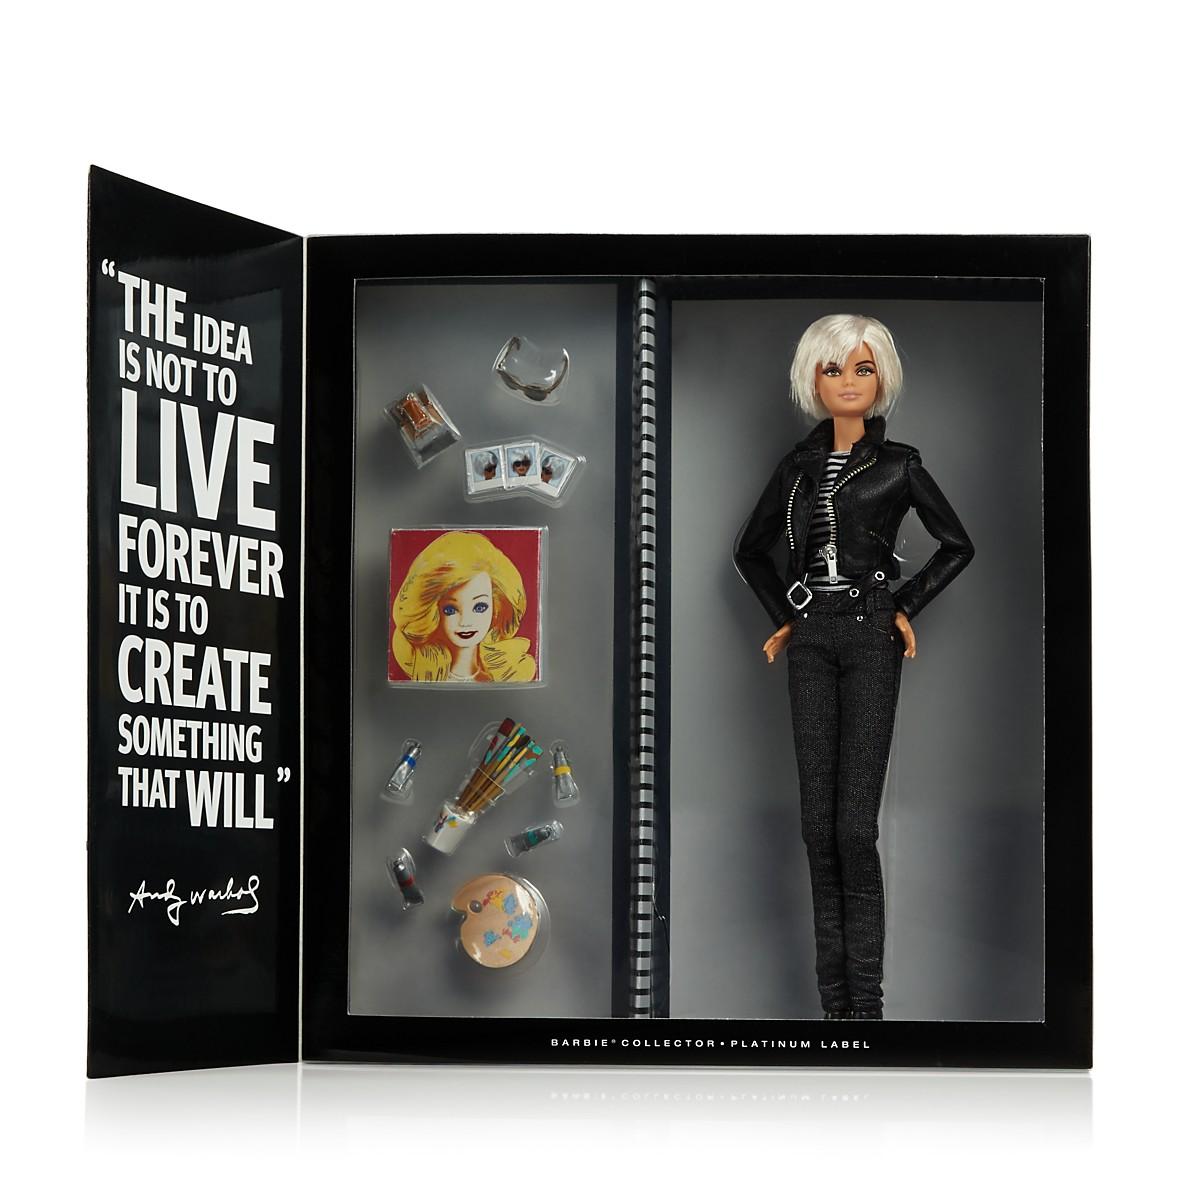 Barbie x Andy Warhol: La muñeca se mimetiza con el artista pop